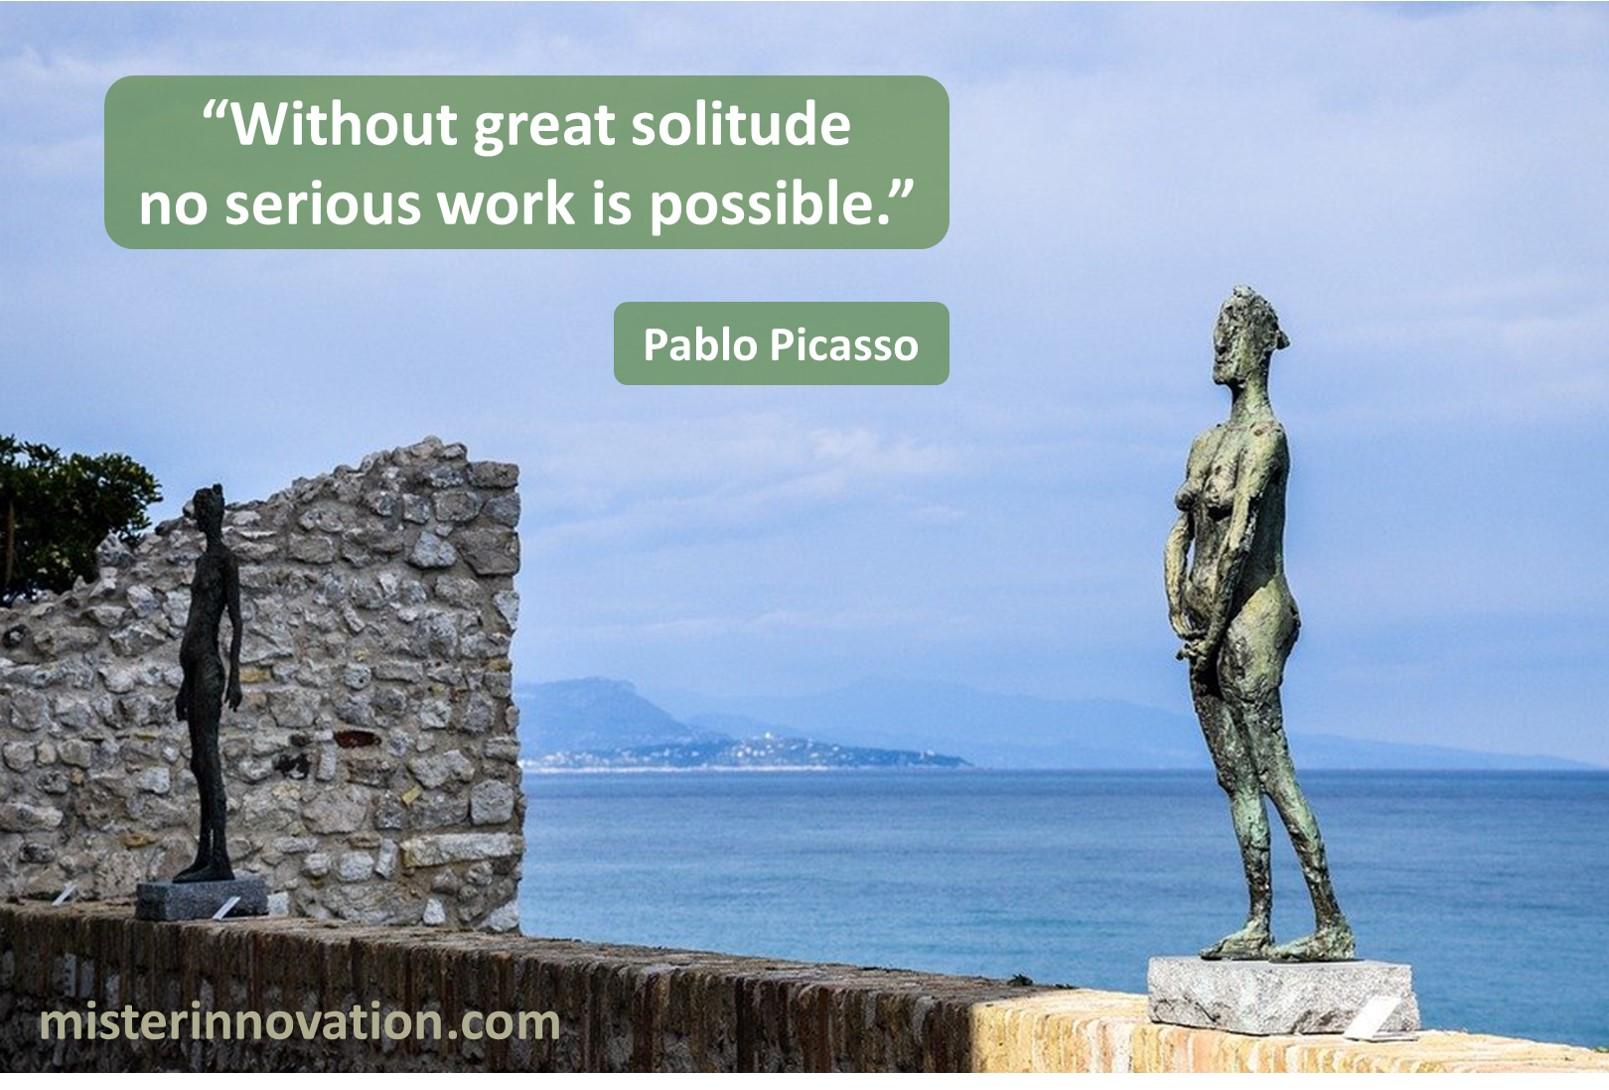 Pablo Picasso Solitude